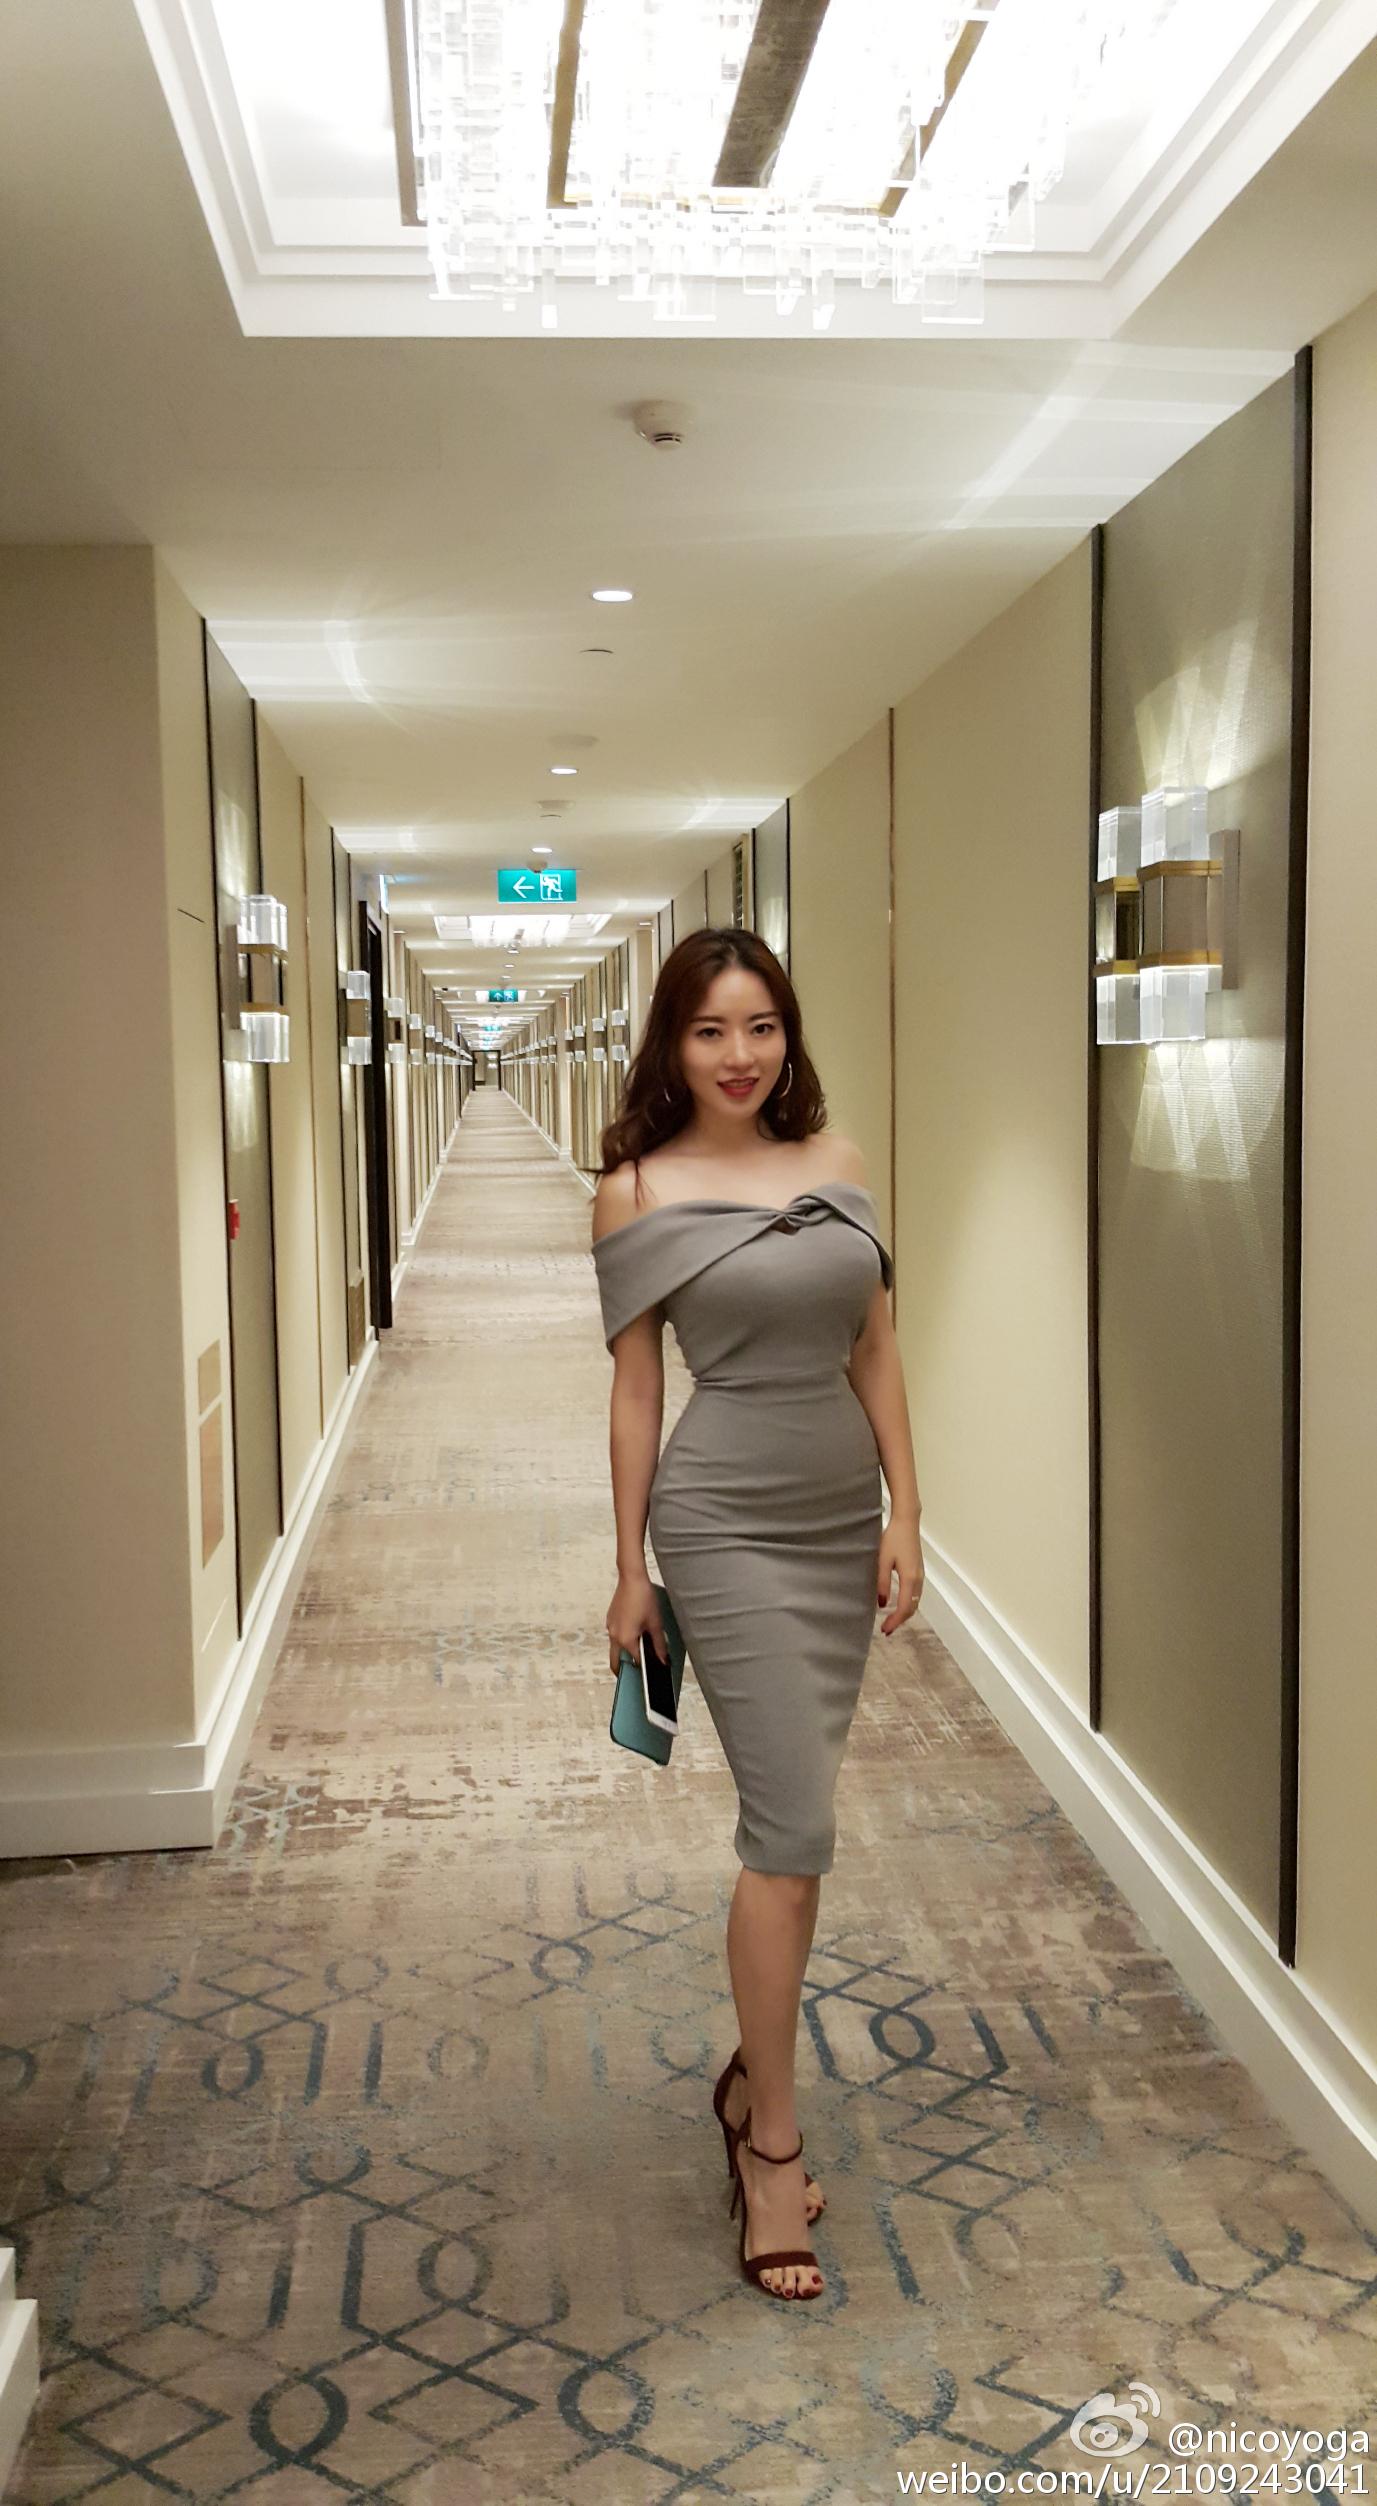 极品长发嫩模黑蕾丝情趣内衣@nico蒋娉婷 微博热搜 图19